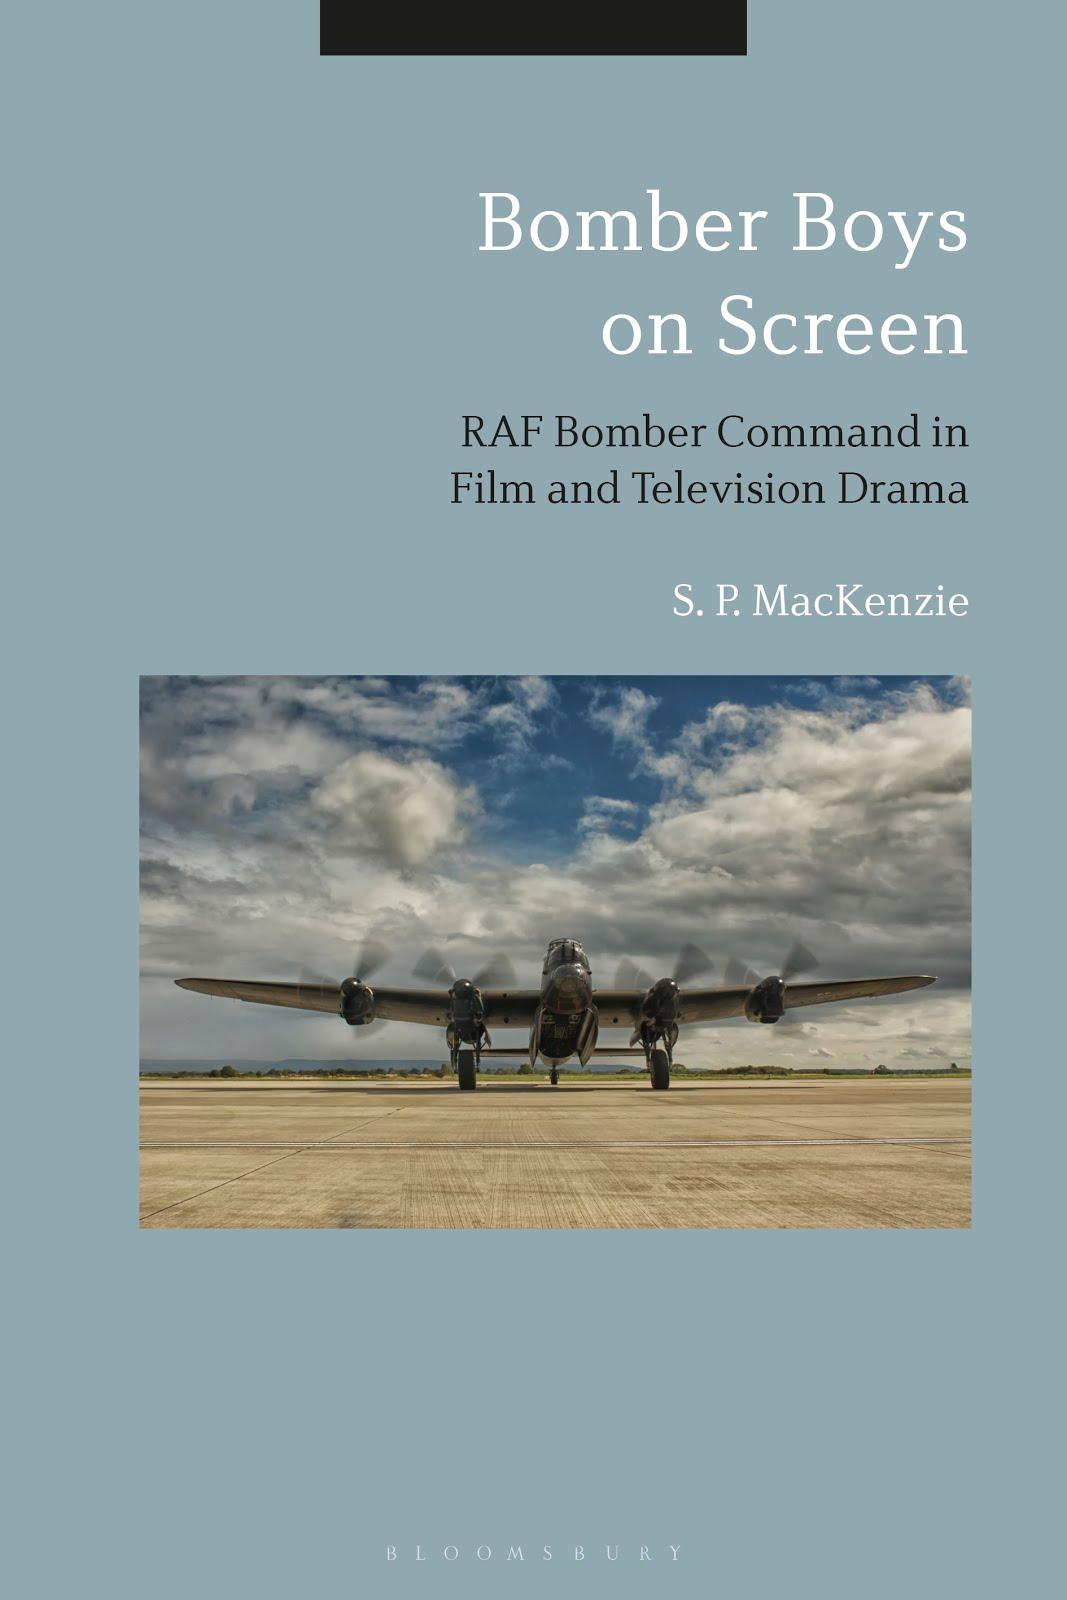 Bomber Boys on Screen